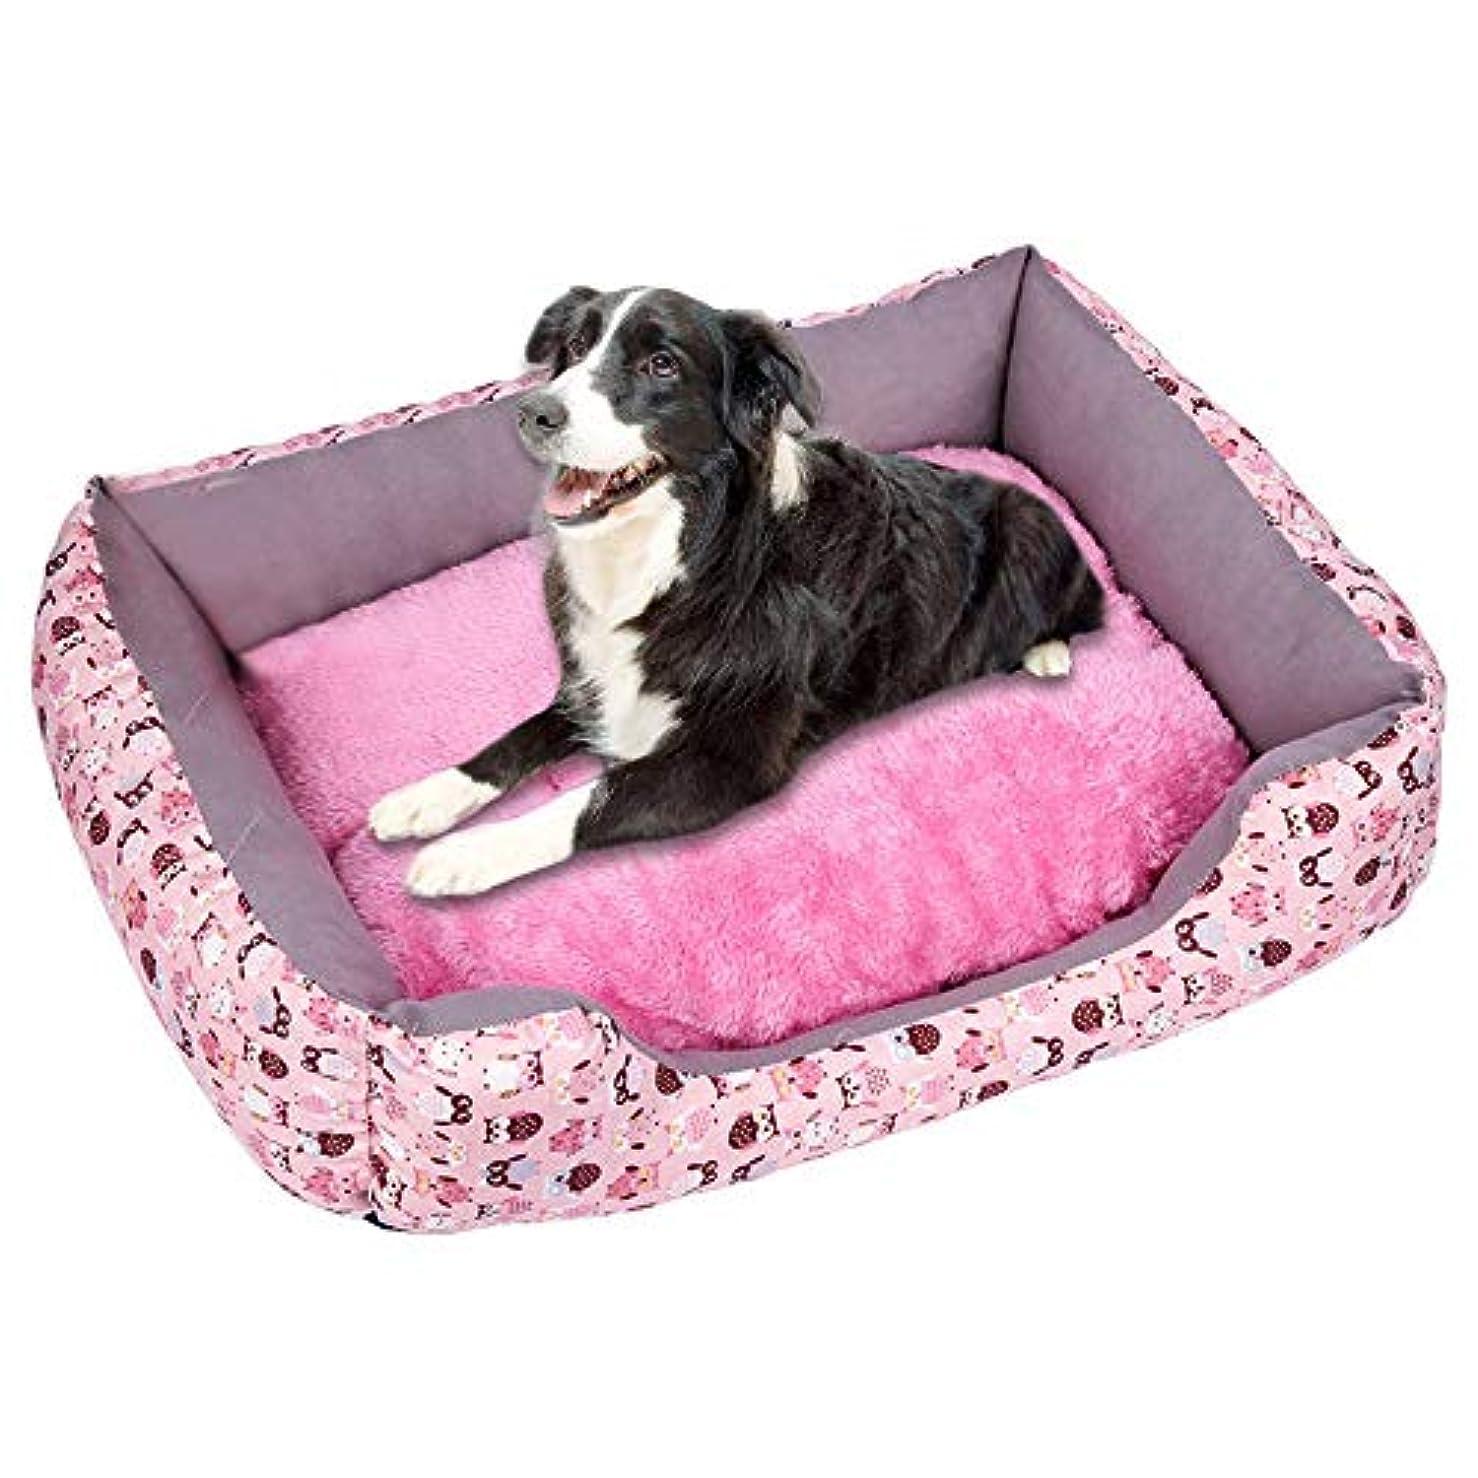 結果知人寝るプラスベルベット肥厚ペットの巣 柔らかいペット犬猫ベッド子犬クッションハウスペットソフト暖かい犬小屋犬マットブランケット 犬小屋 ペットハウス ペットネスト 犬舎 柔らかくて温かく 快適で通気性があります (B, S)